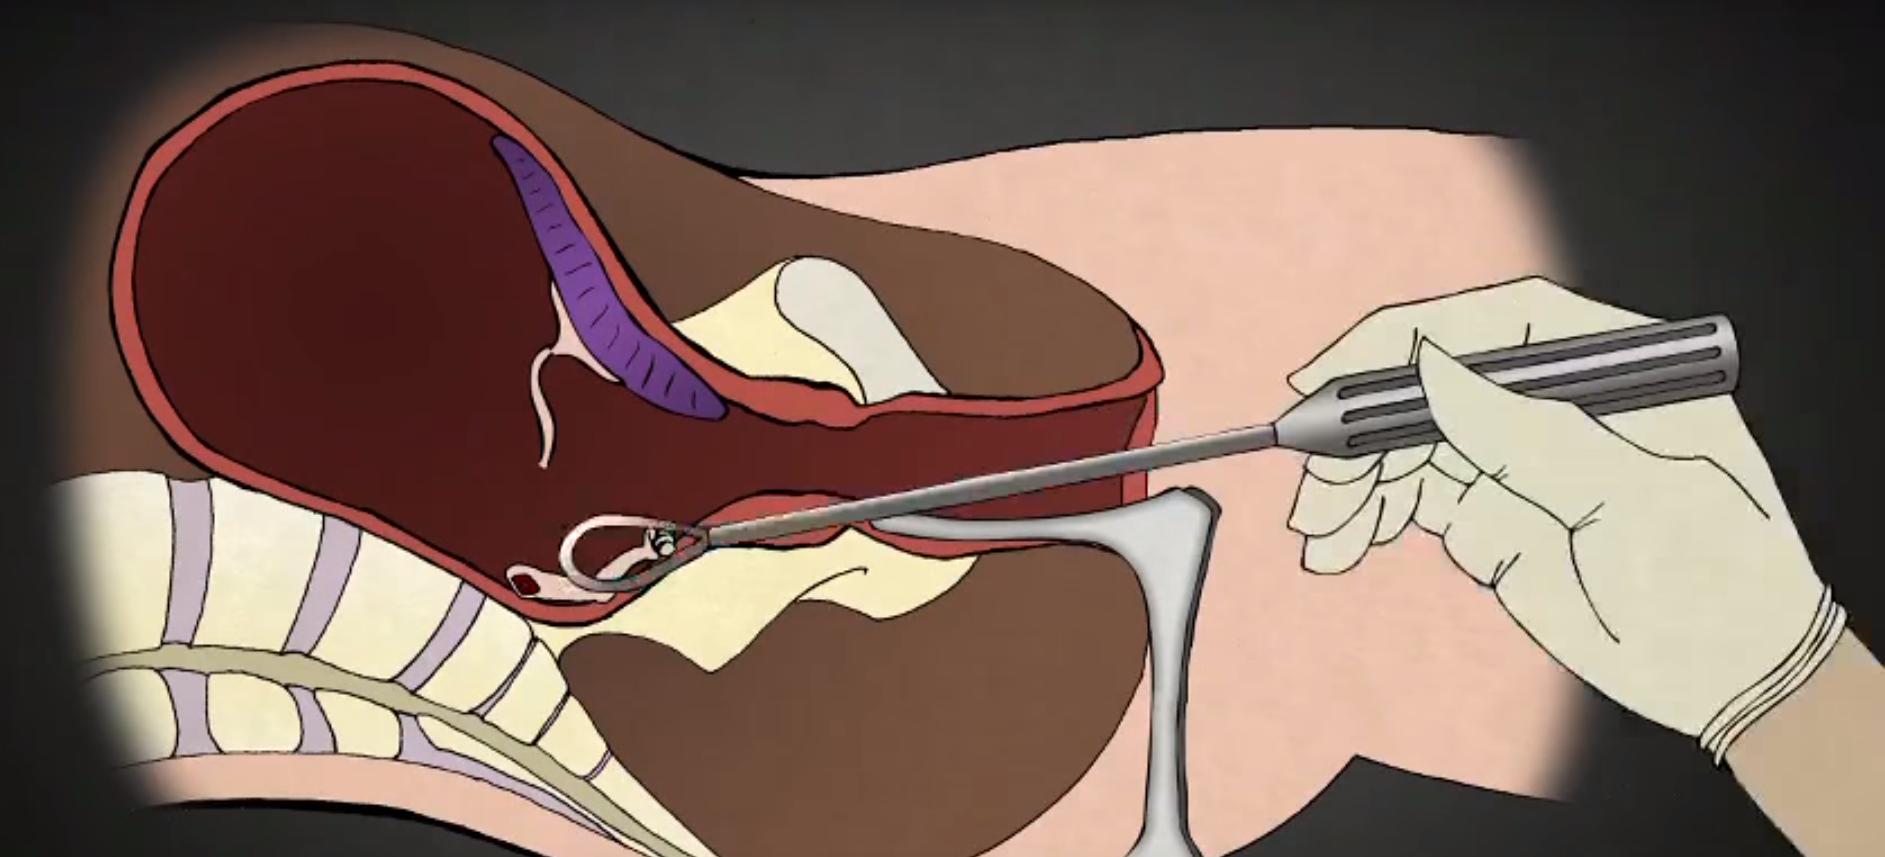 Gynaecoloog kritisch over meest gebruikte abortusmethode: tot 70% hogere kans op vroeggeboorte